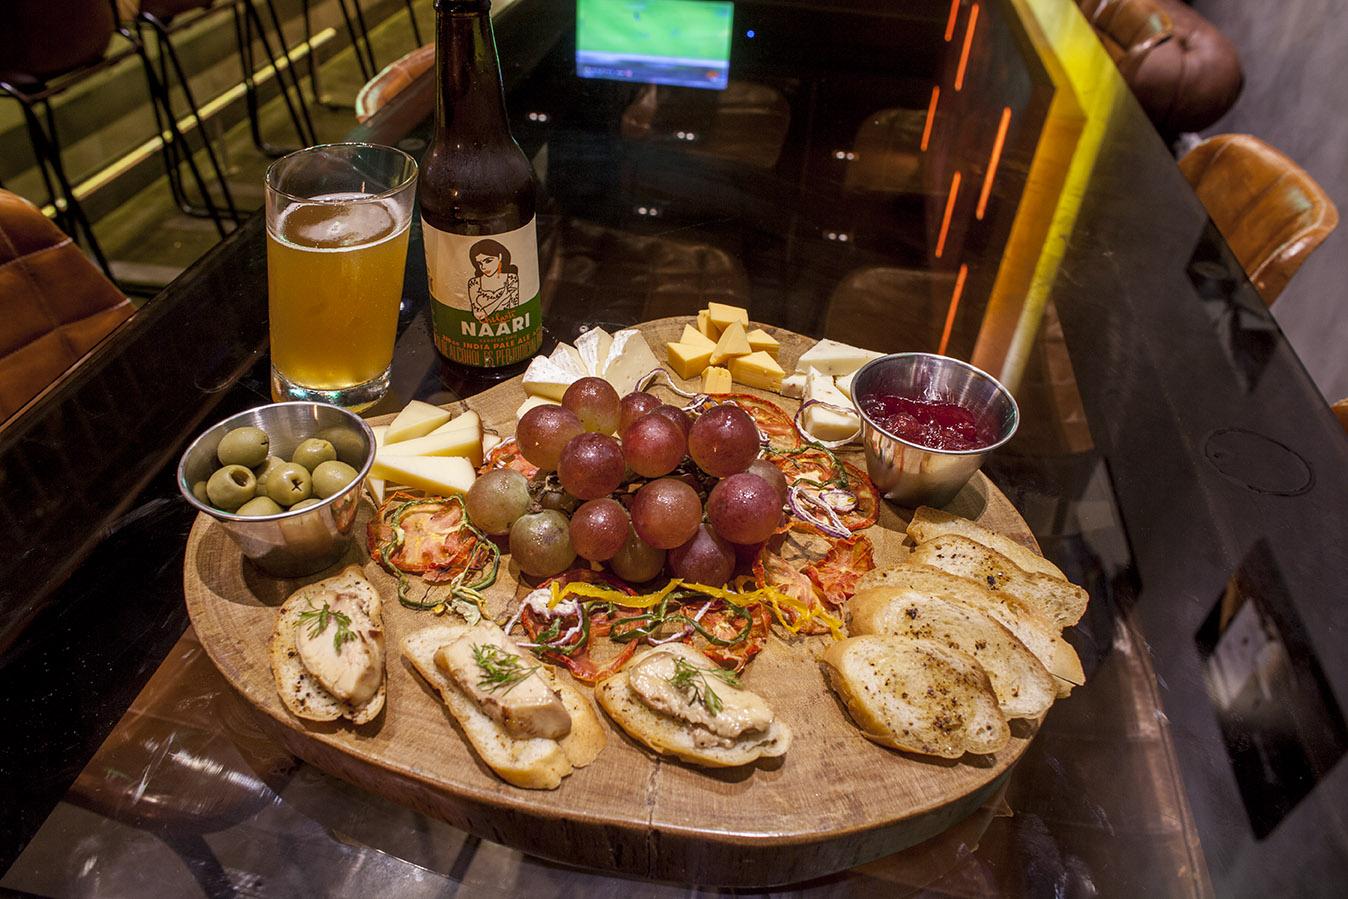 Crostinis de foie gras, vegetales deshidratados, aceitunas y queso de cabra